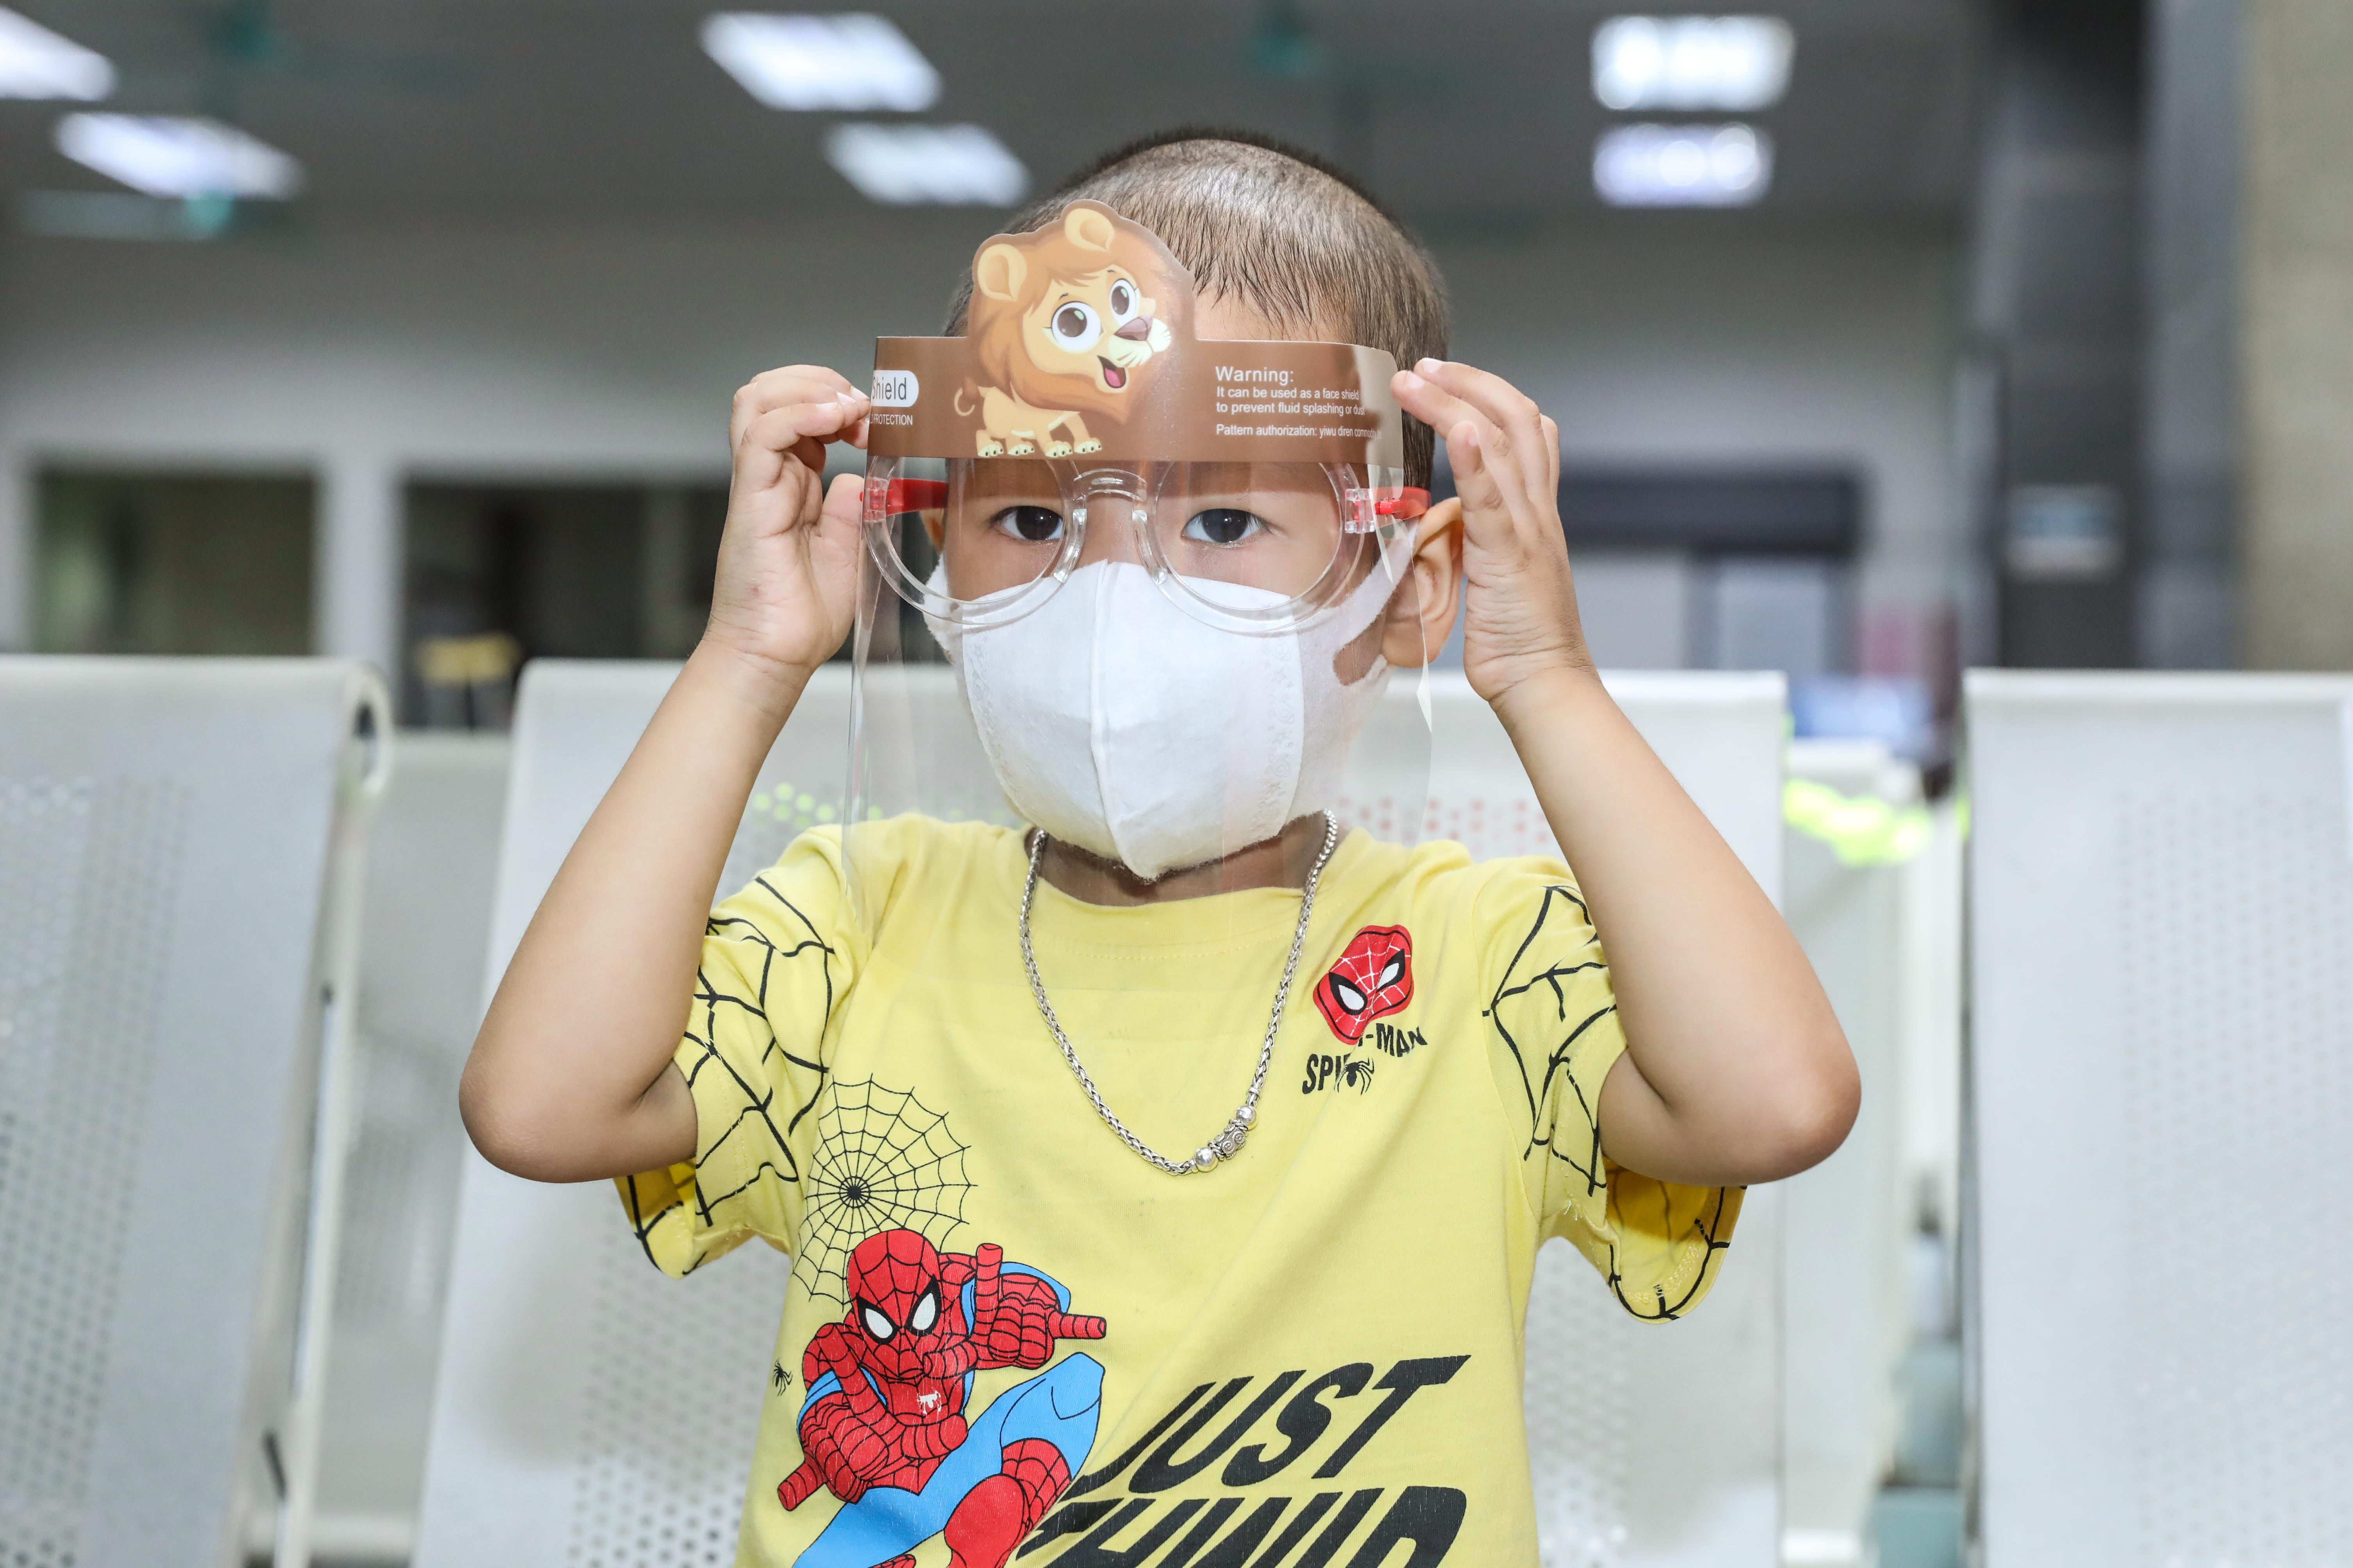 """Những bệnh nhi tại Viện Huyết học và Truyền máu trung ương nhận quà từ chương trình """"Cơm cho người nghèo trong đại dịch"""" của Báo Đại Đoàn Kết. Ảnh Quang Vinh."""